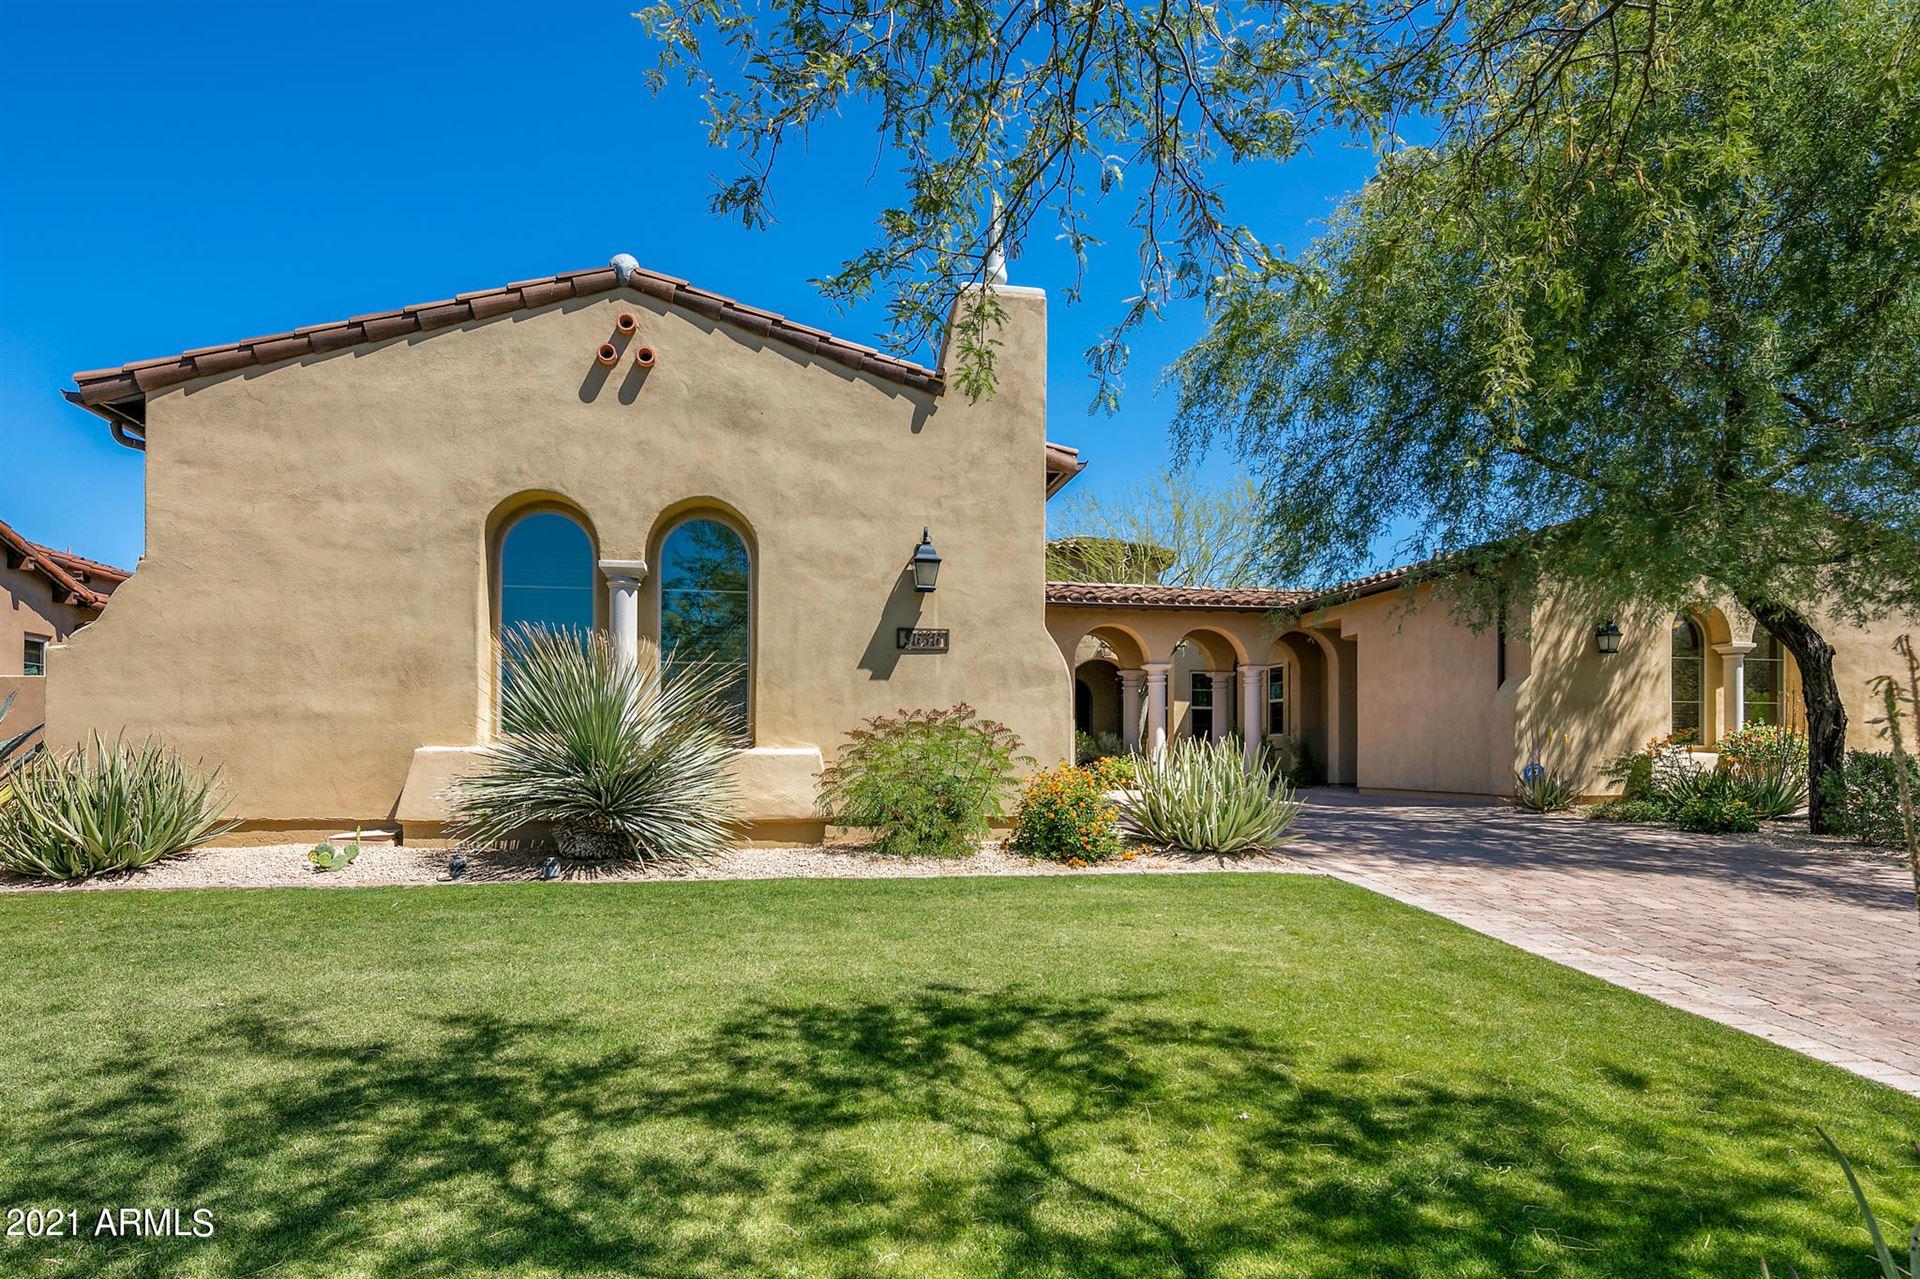 Photo of 9636 E BUTEO Drive, Scottsdale, AZ 85255 (MLS # 6227524)